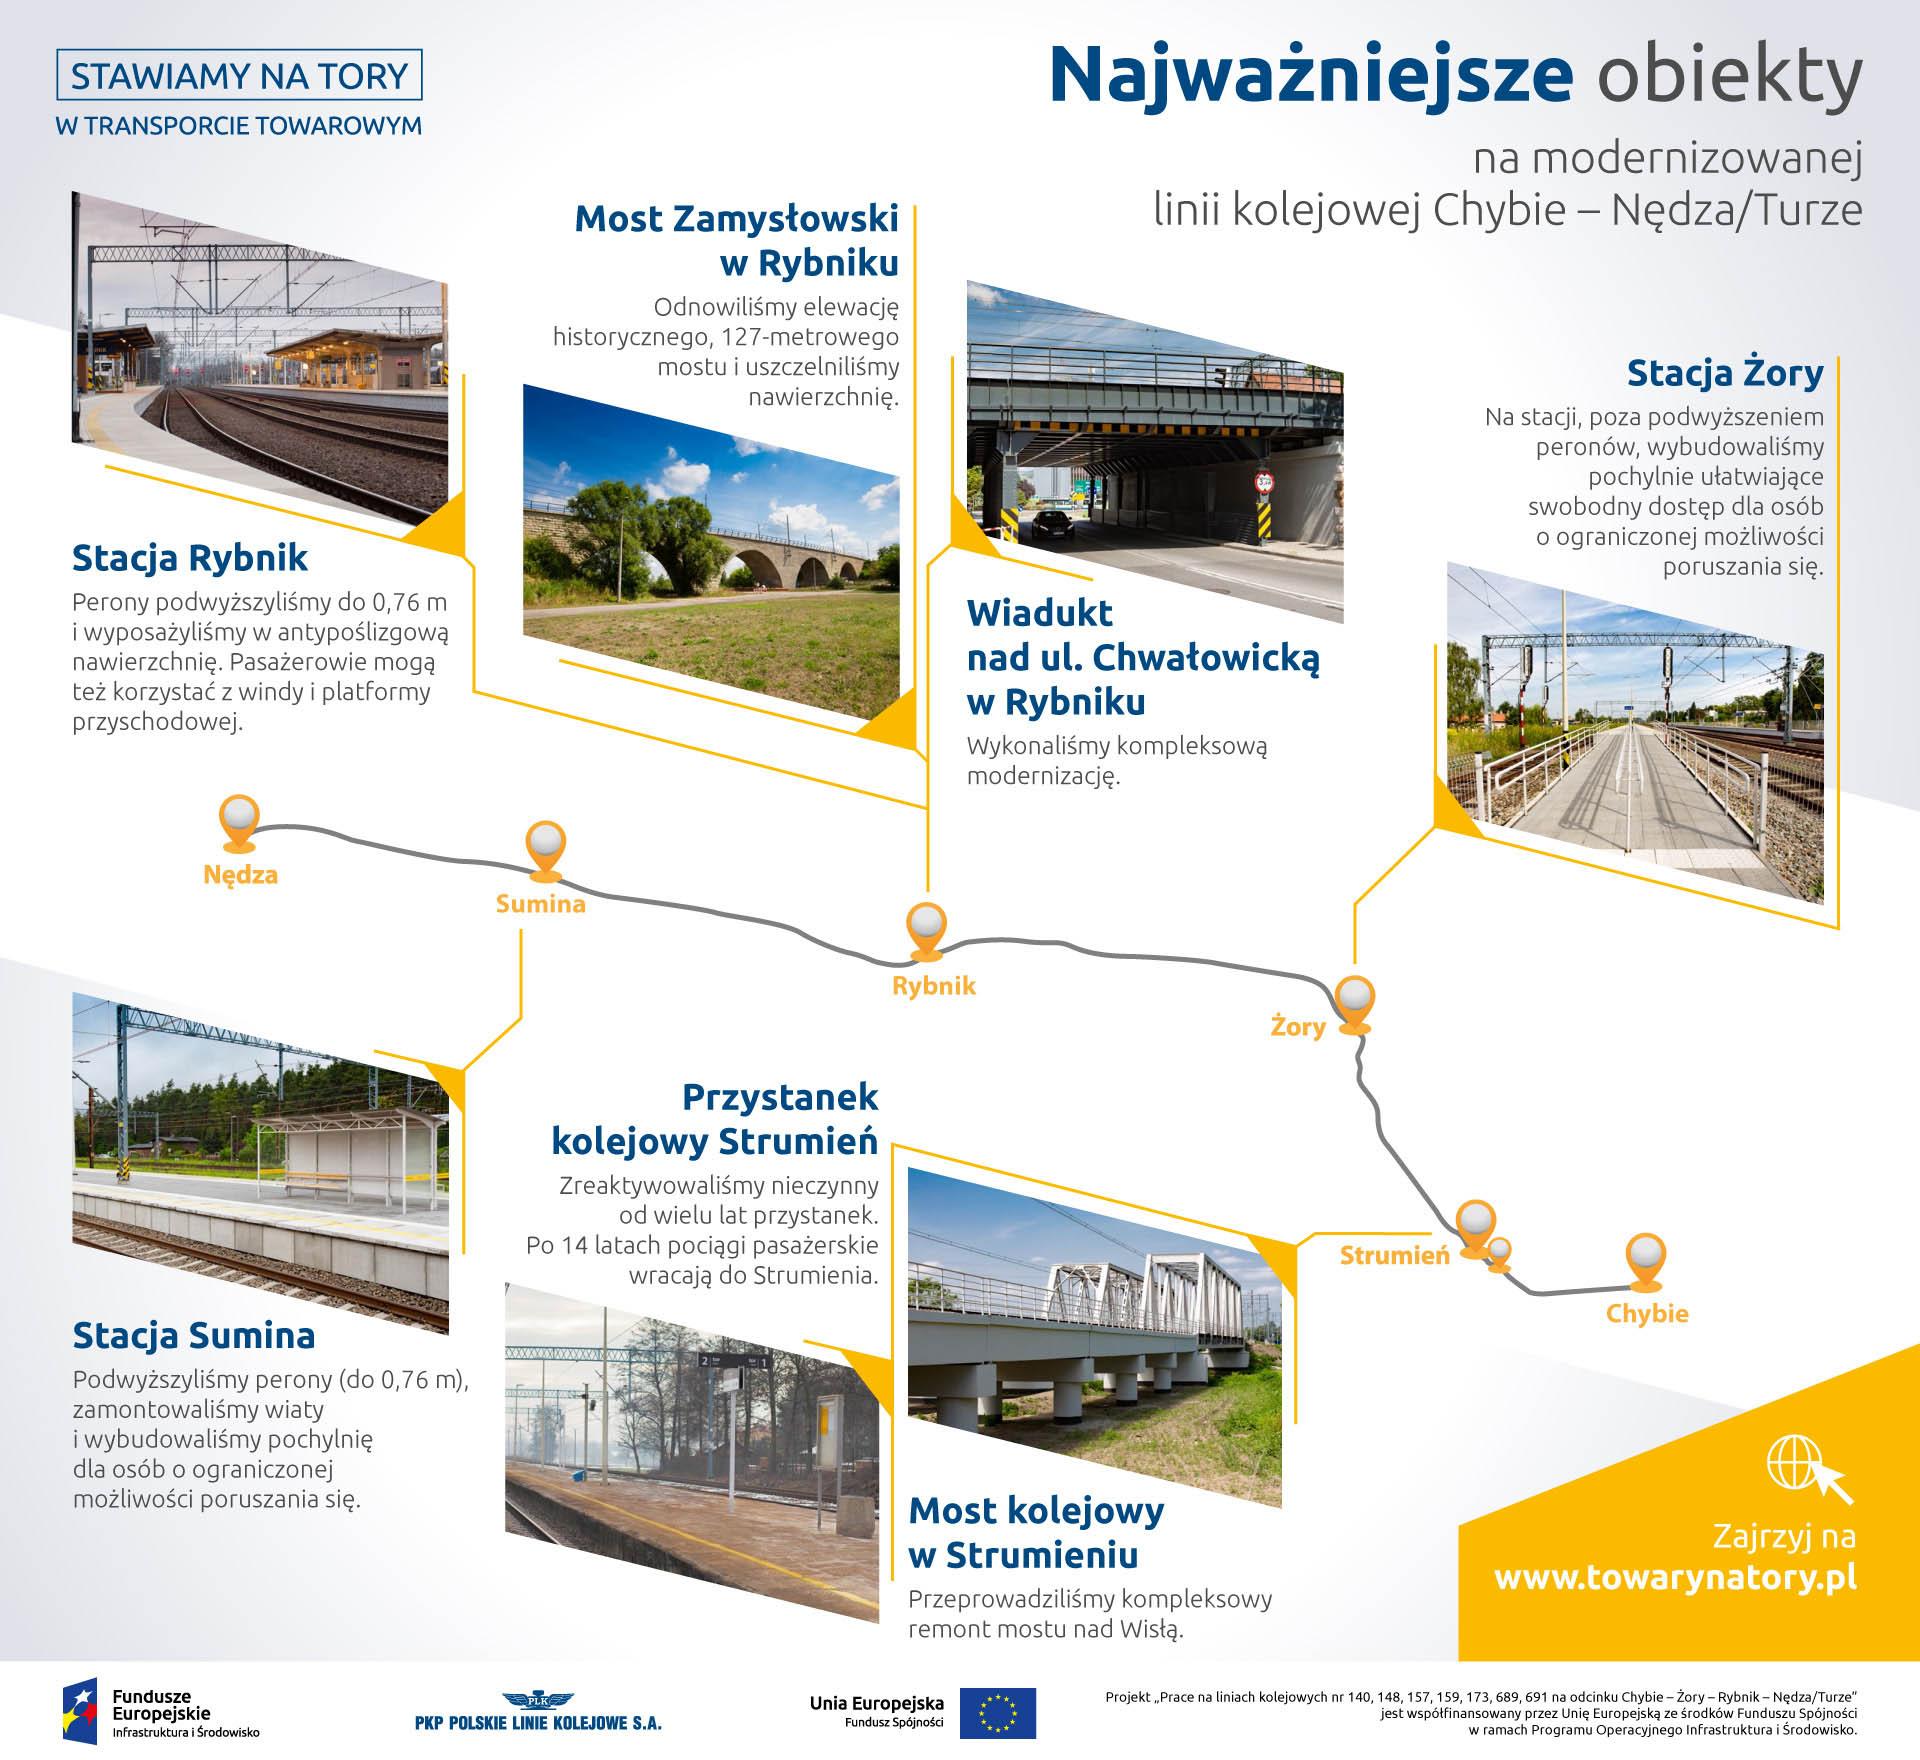 Infografika mówiąca najważniejszych obiektach na linii Chybie Nędza Turze: stacja Rybnik, most Zamysłowski w Rybniku, Wiadukt nad ul. Chwałowicką w Rybniku, Stacja Żory, stacja Sumina, przystanek kolejowy Strumień, most kolejowy w Strumieniu.